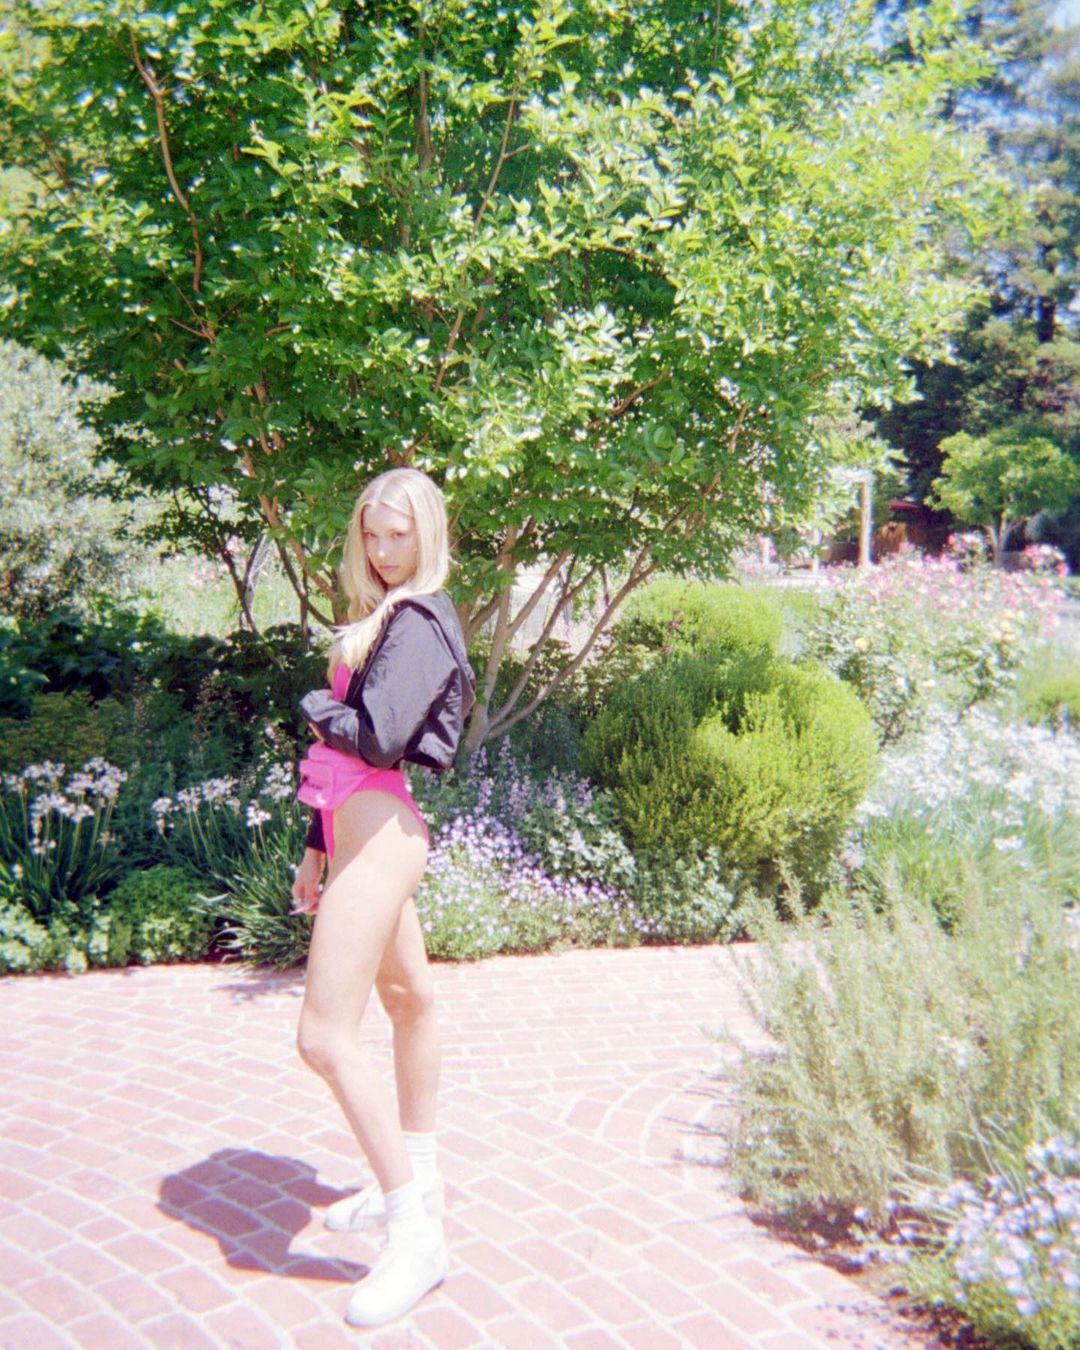 Con gái tuổi thiếu nữ của Steve Jobs lần đầu làm mẫu quá xinh đẹp, khuấy đảo mạng xã hội - 6